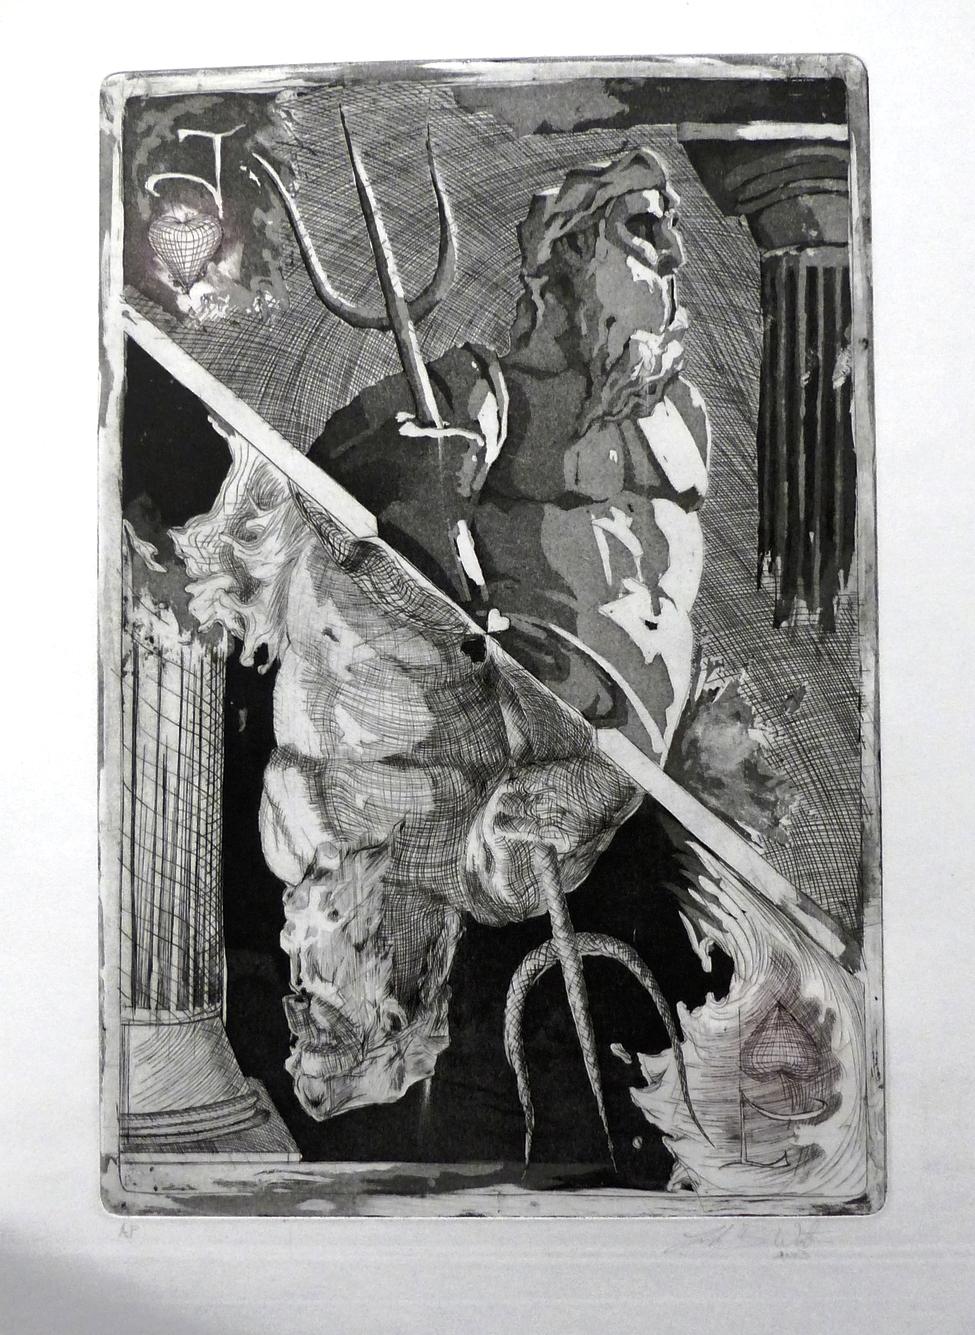 Luke Watson, One Eyed Jack , engraving and aquatint, 2013